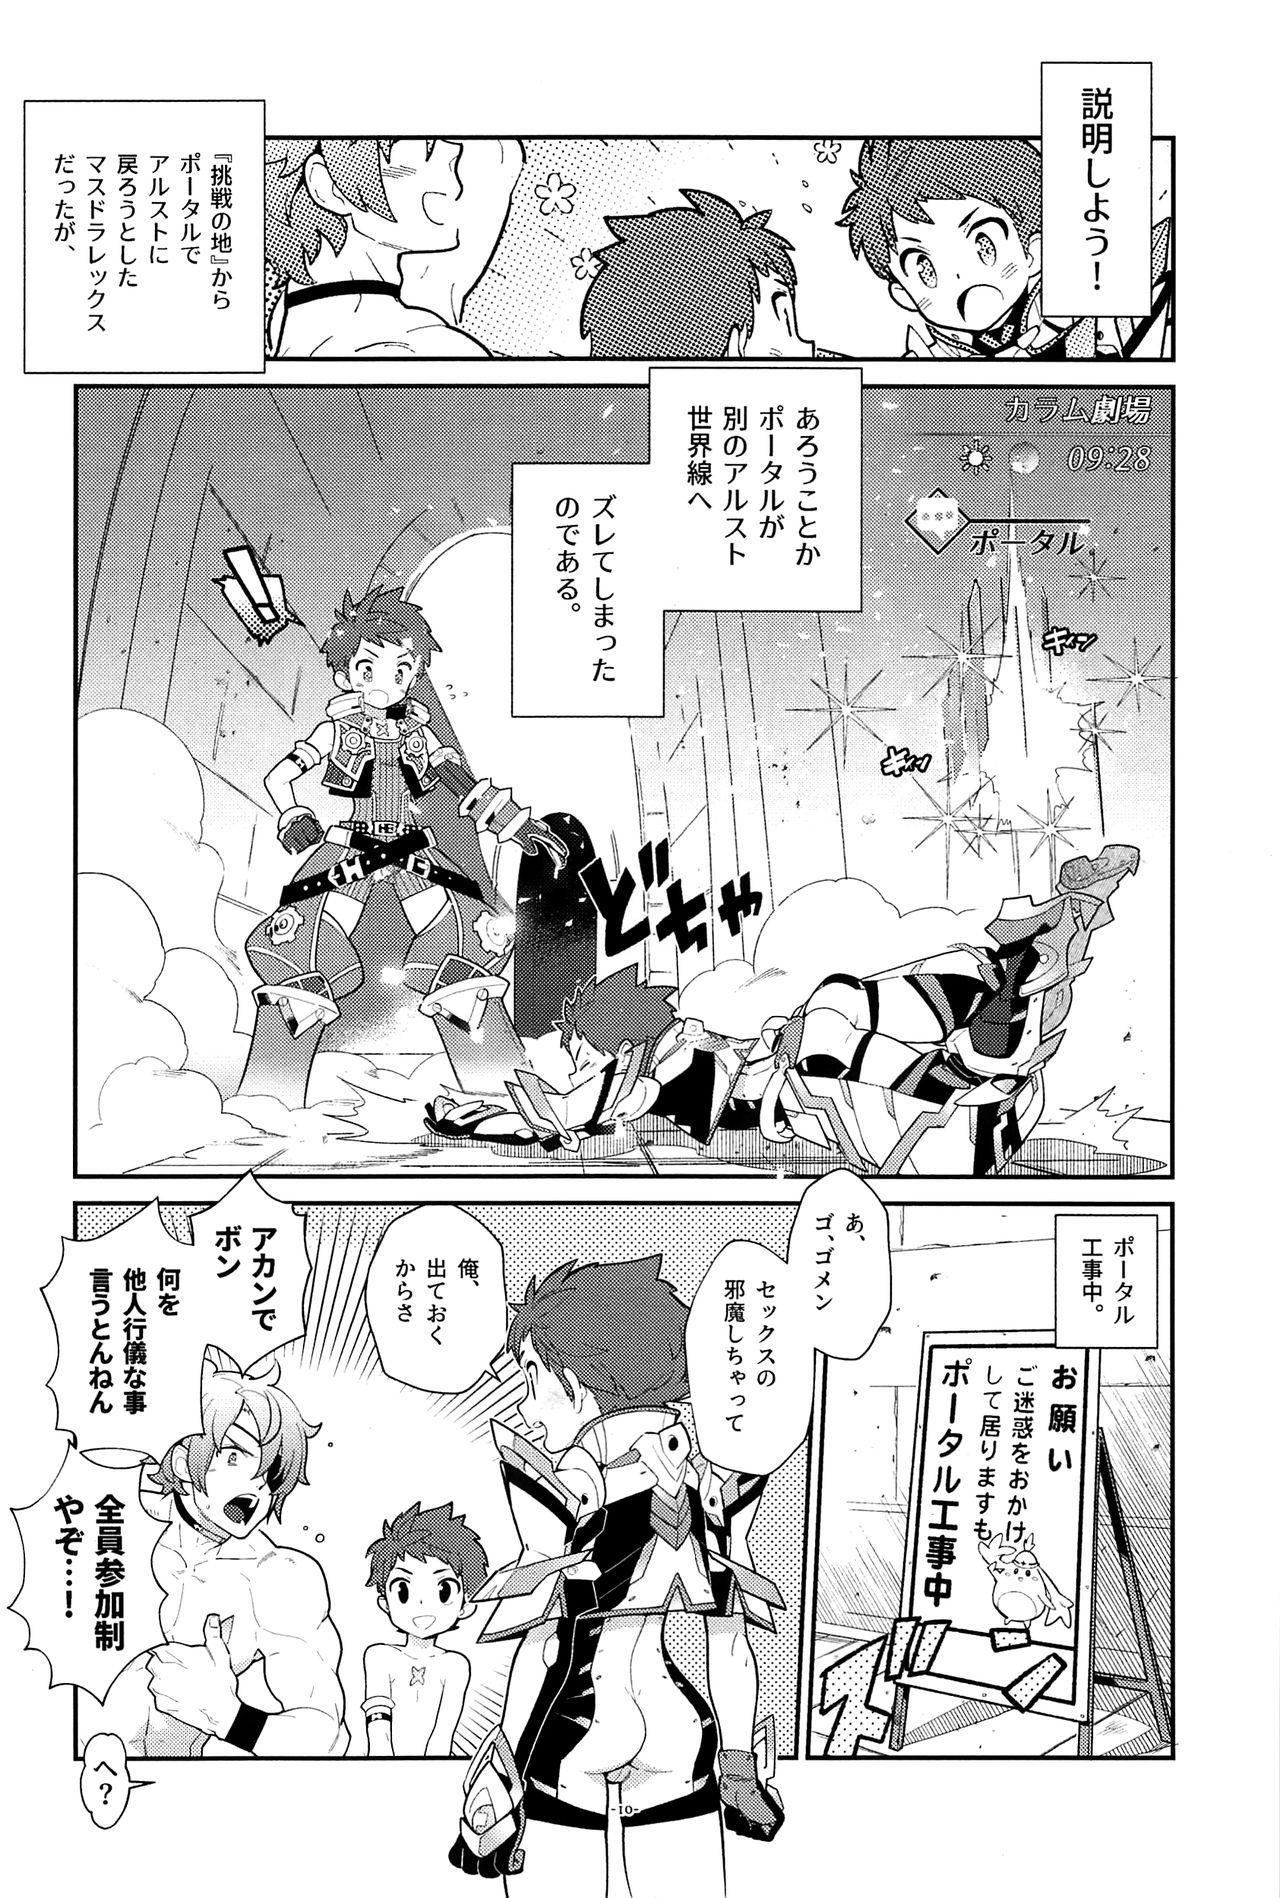 Zeke to Rex ga Ichaicha Shiteitara, Rex ga Kitanode Matomete Ichaicha Shita. 10